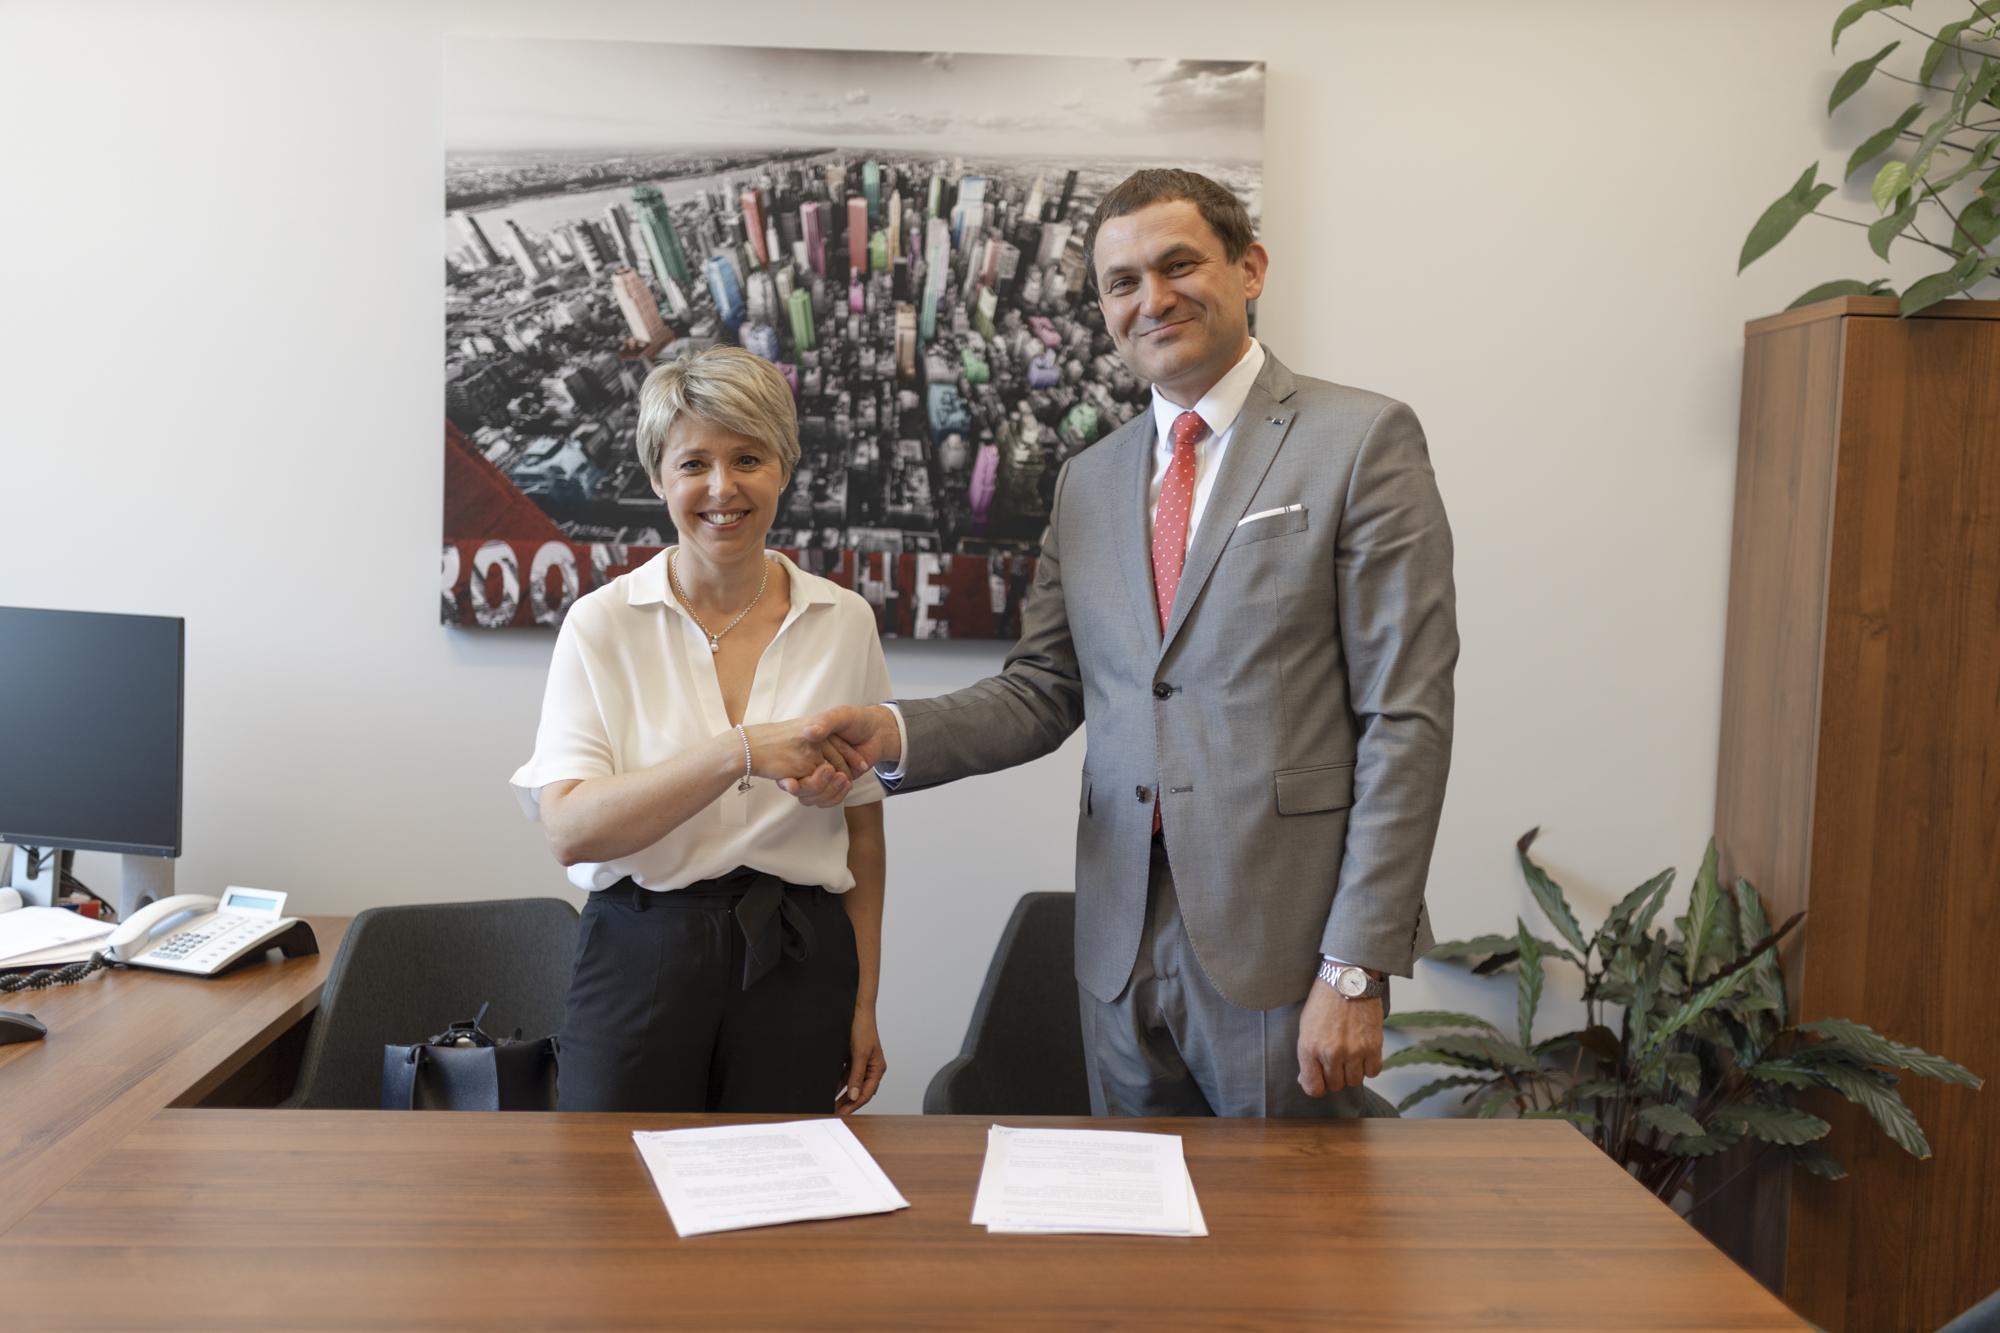 Uniwersytet Jagielloński wykształci managerów inwestycji społecznych